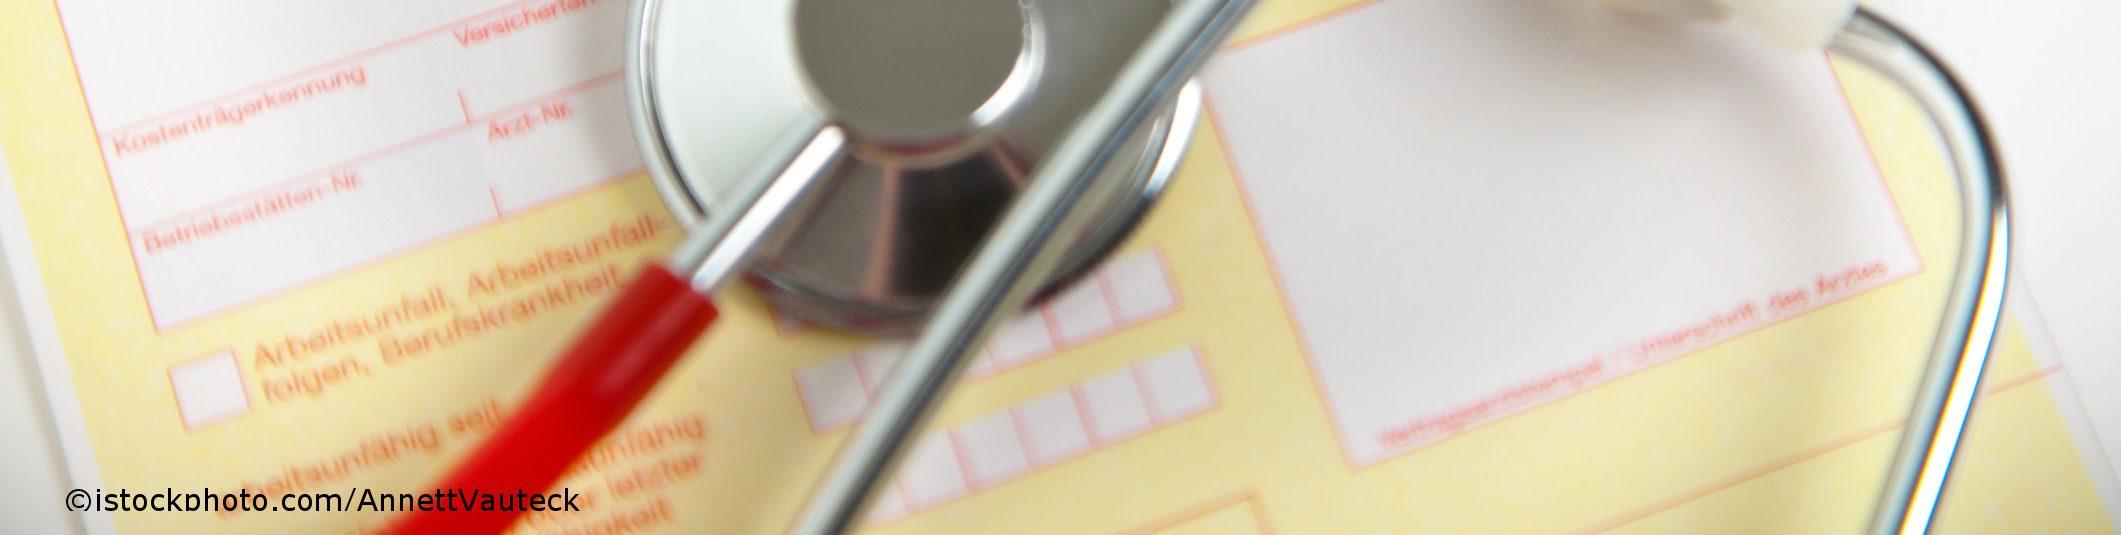 Im ICD-10 Diagnoseschlüssel steht B34 für eine Viruskrankheit nicht näher bezeichneter Lokalisation.